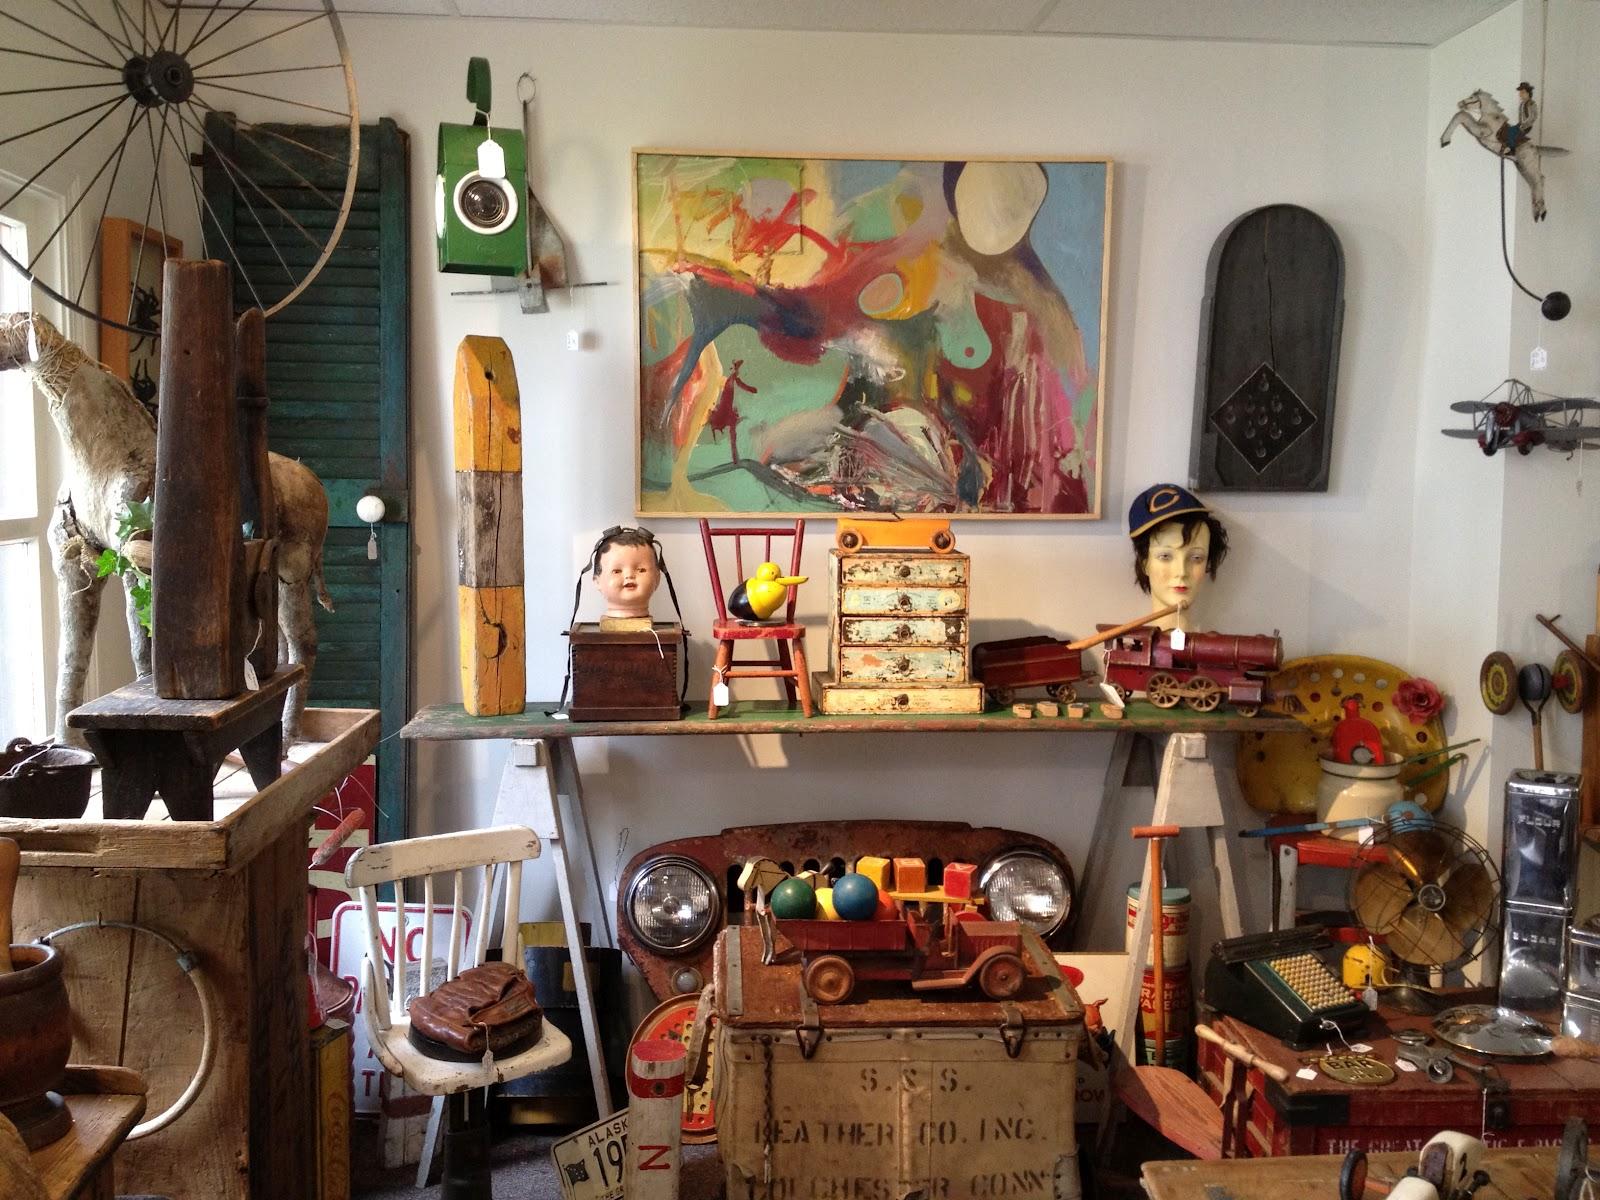 C Dianne Zweig Kitsch 'n Stuff April 2012